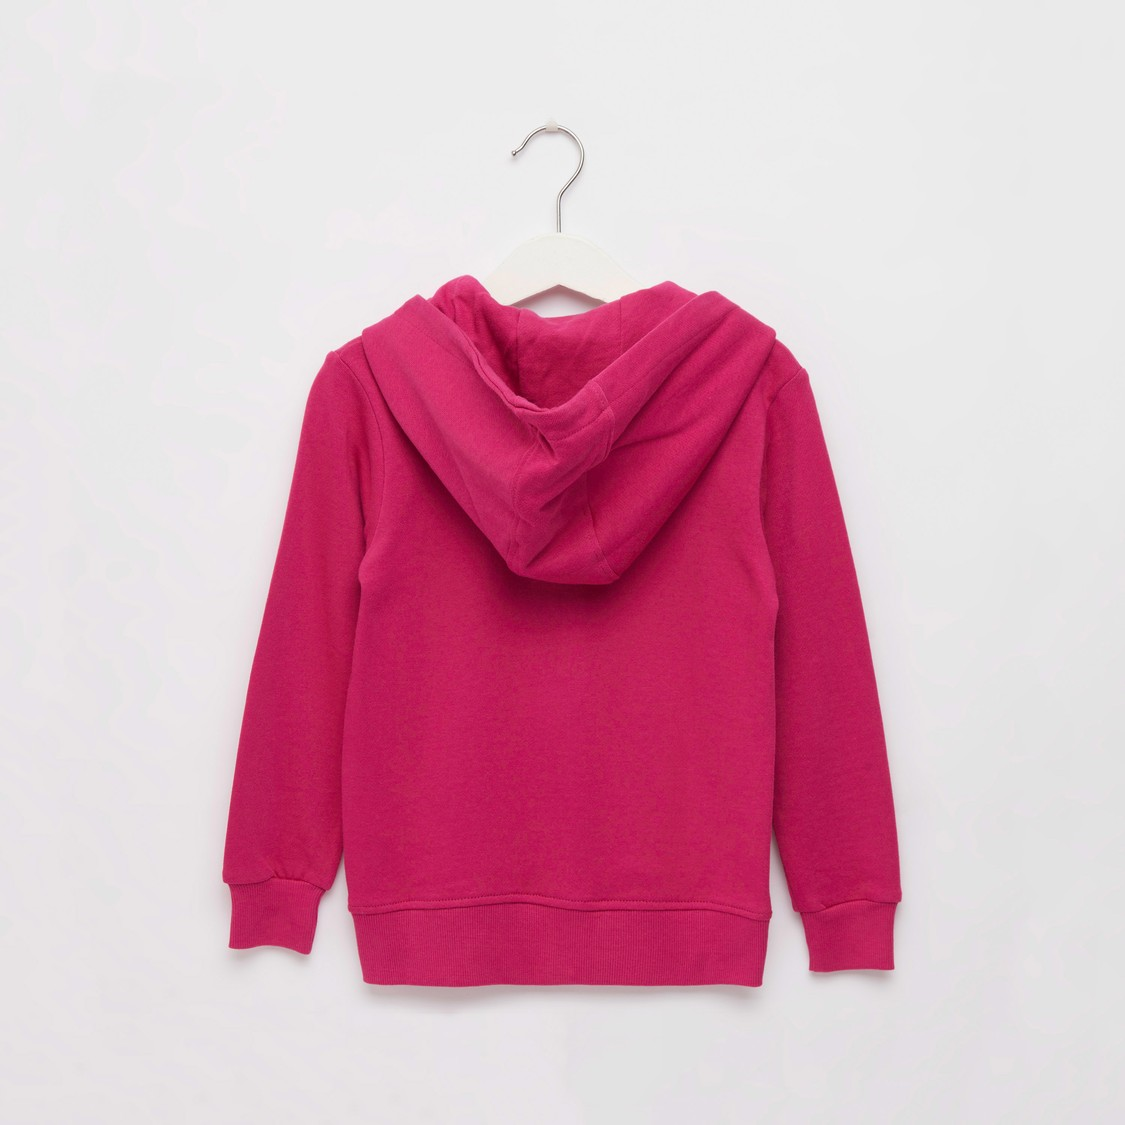 Printed Hoodie Jacket with Long Sleeves and Zip Closure